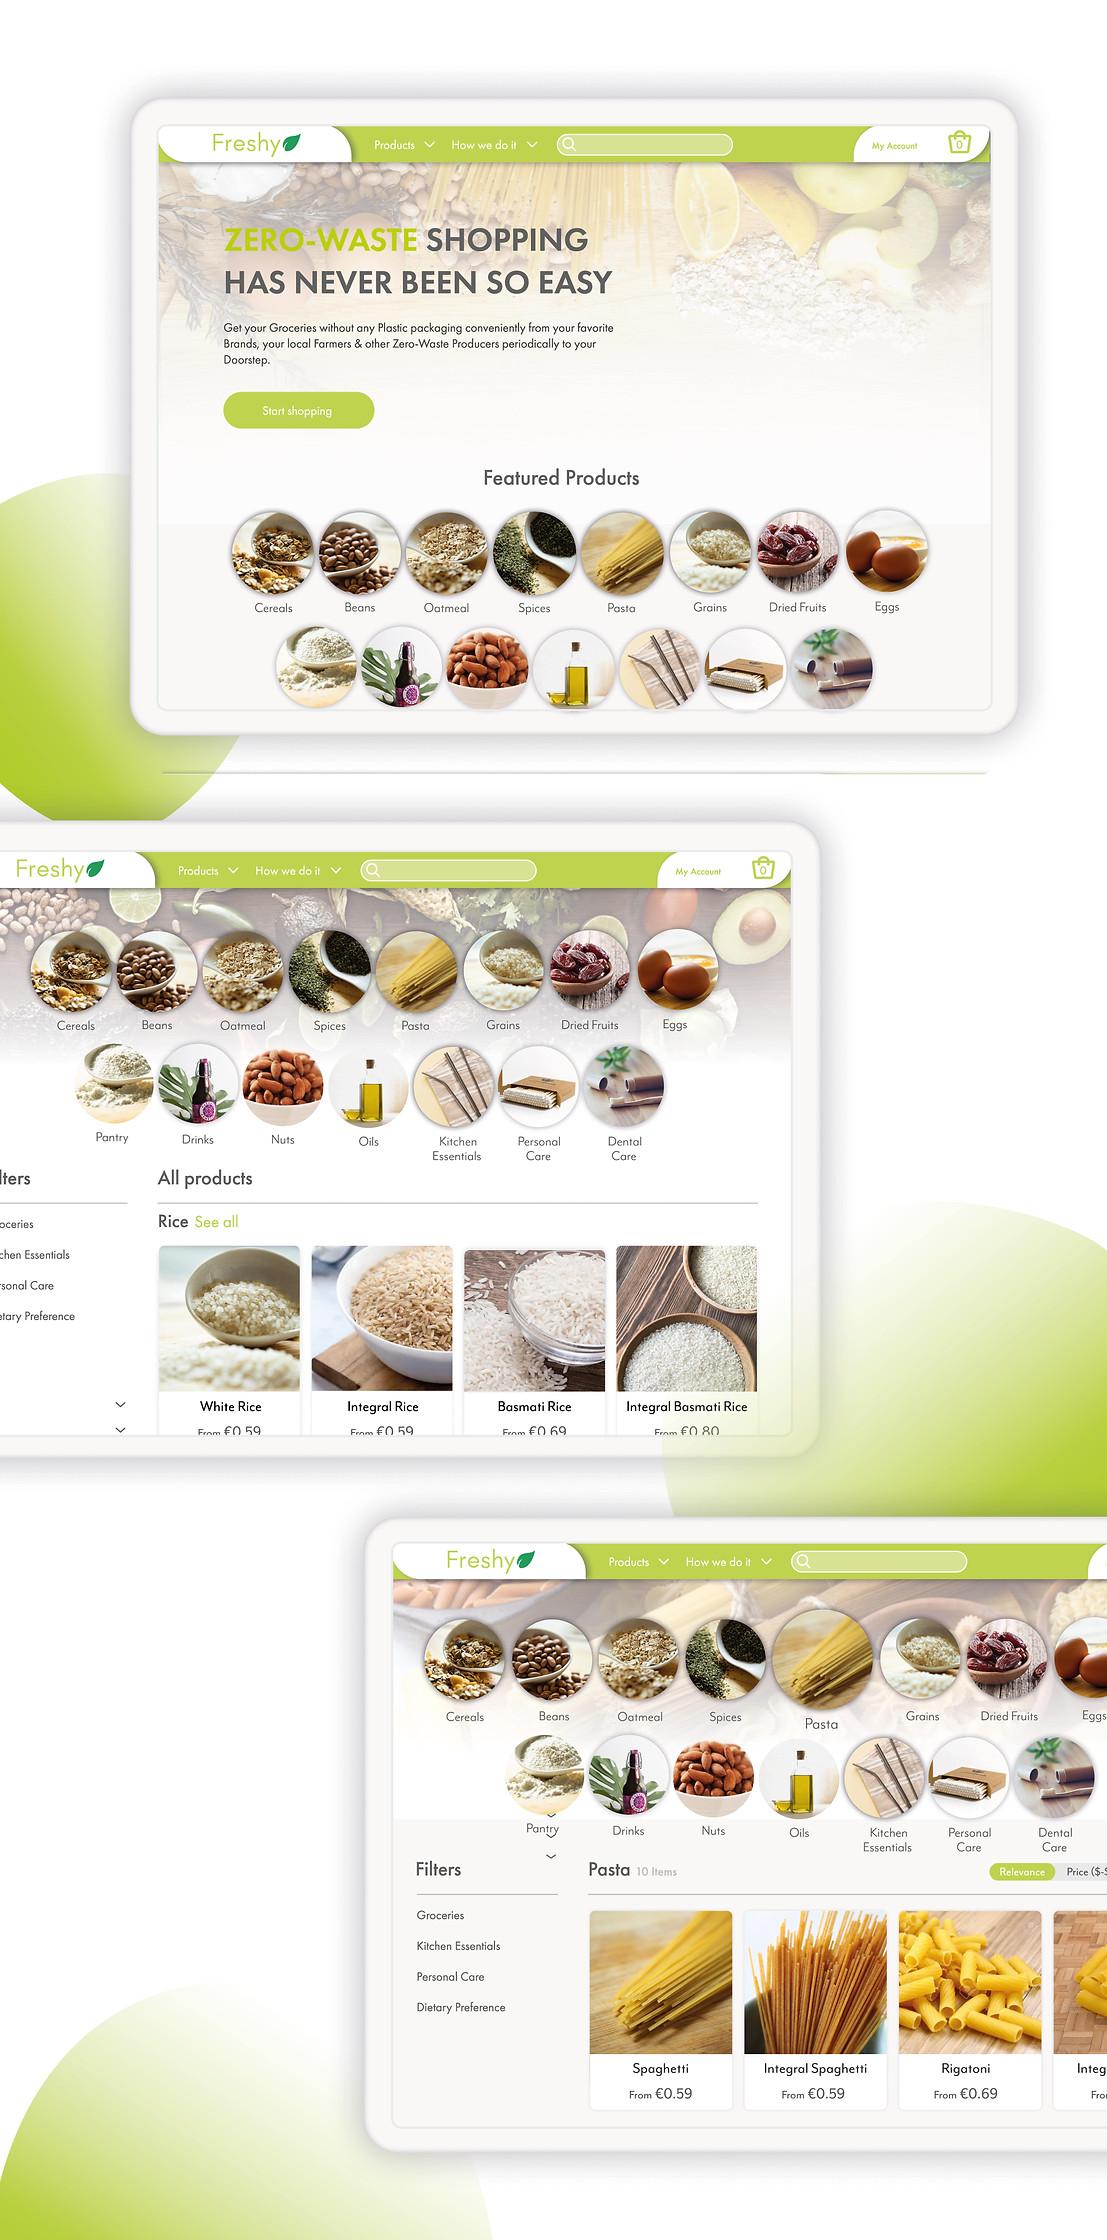 Freshy WEB-min.jpg